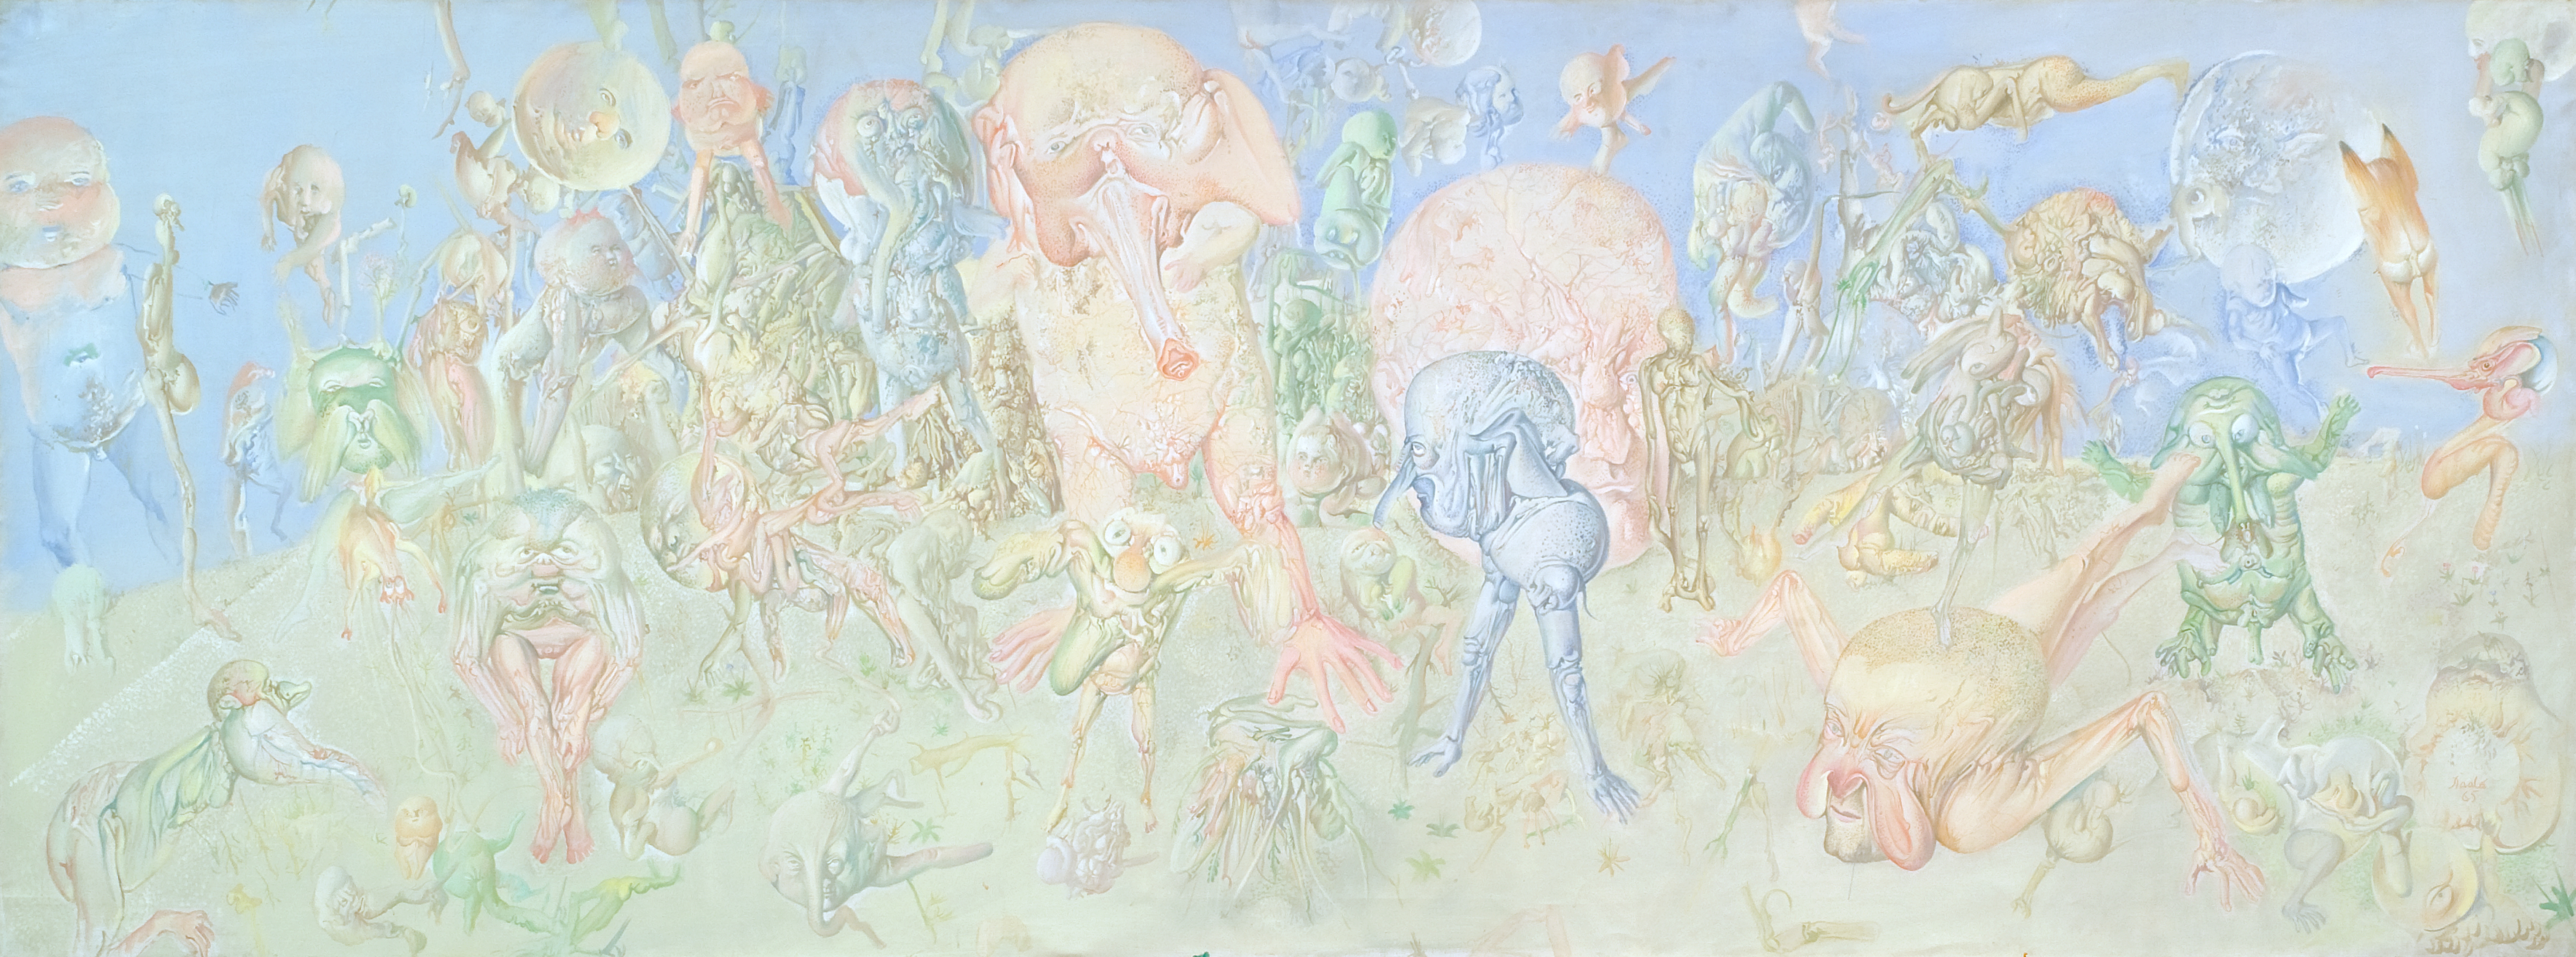 Dado, Les éléphants, 1965, huile sur toile, 97 x 260 cm